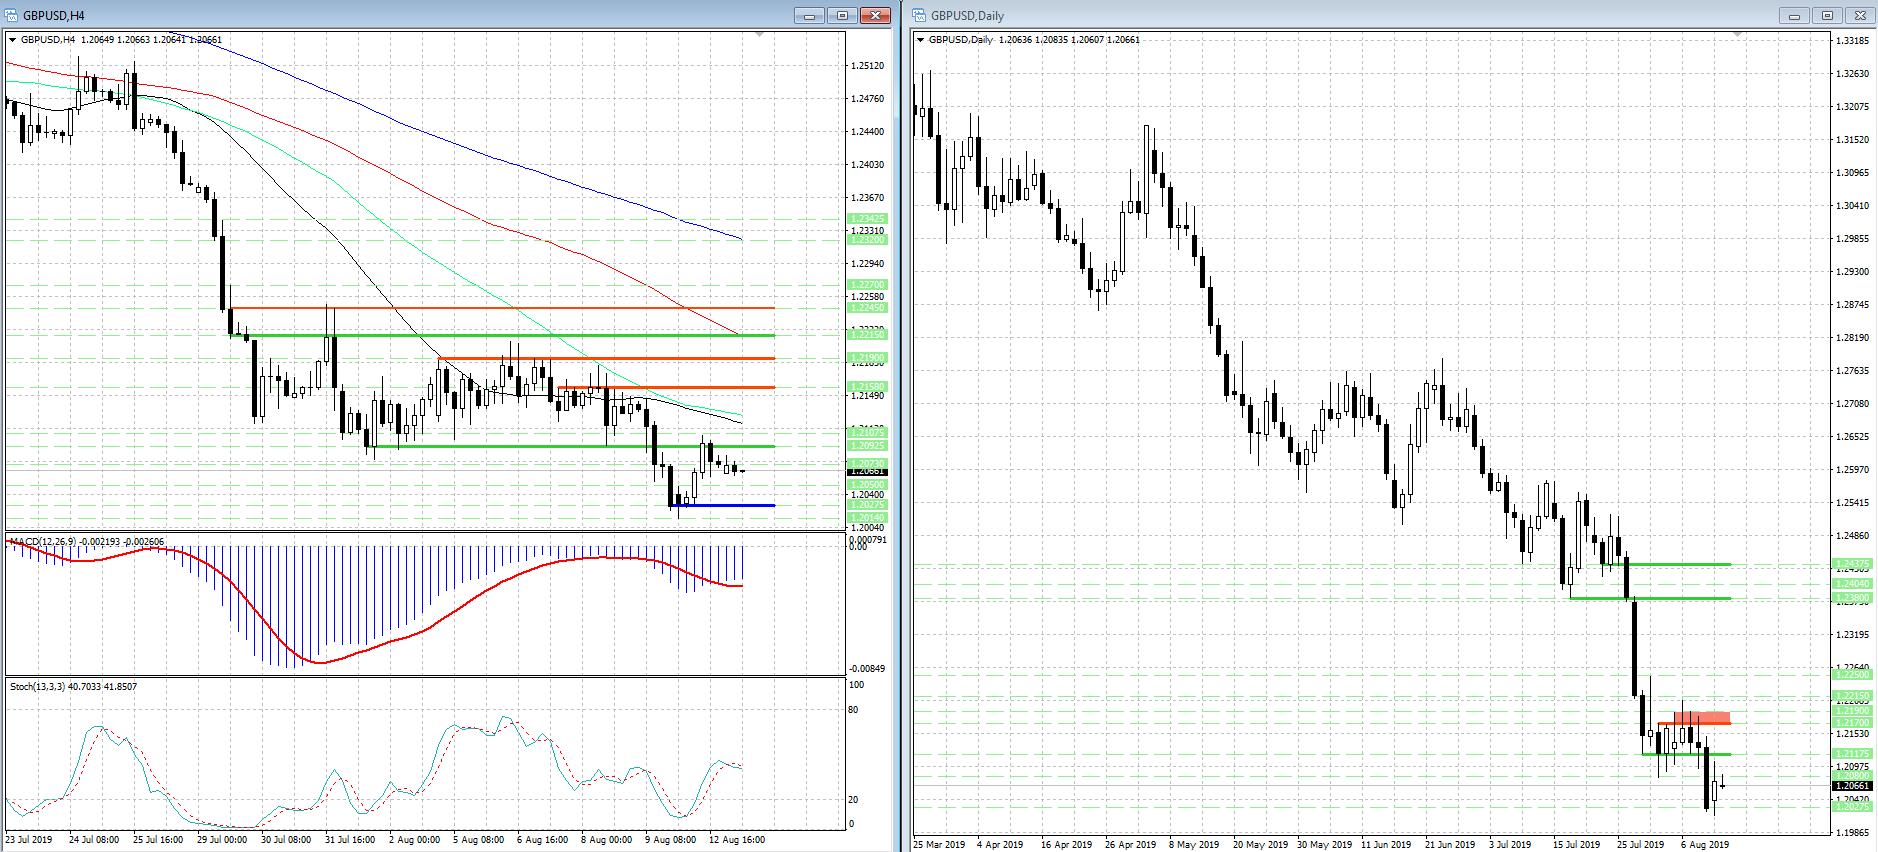 Давление на GBP/USD возобновилось, но медведи менее агрессивны...